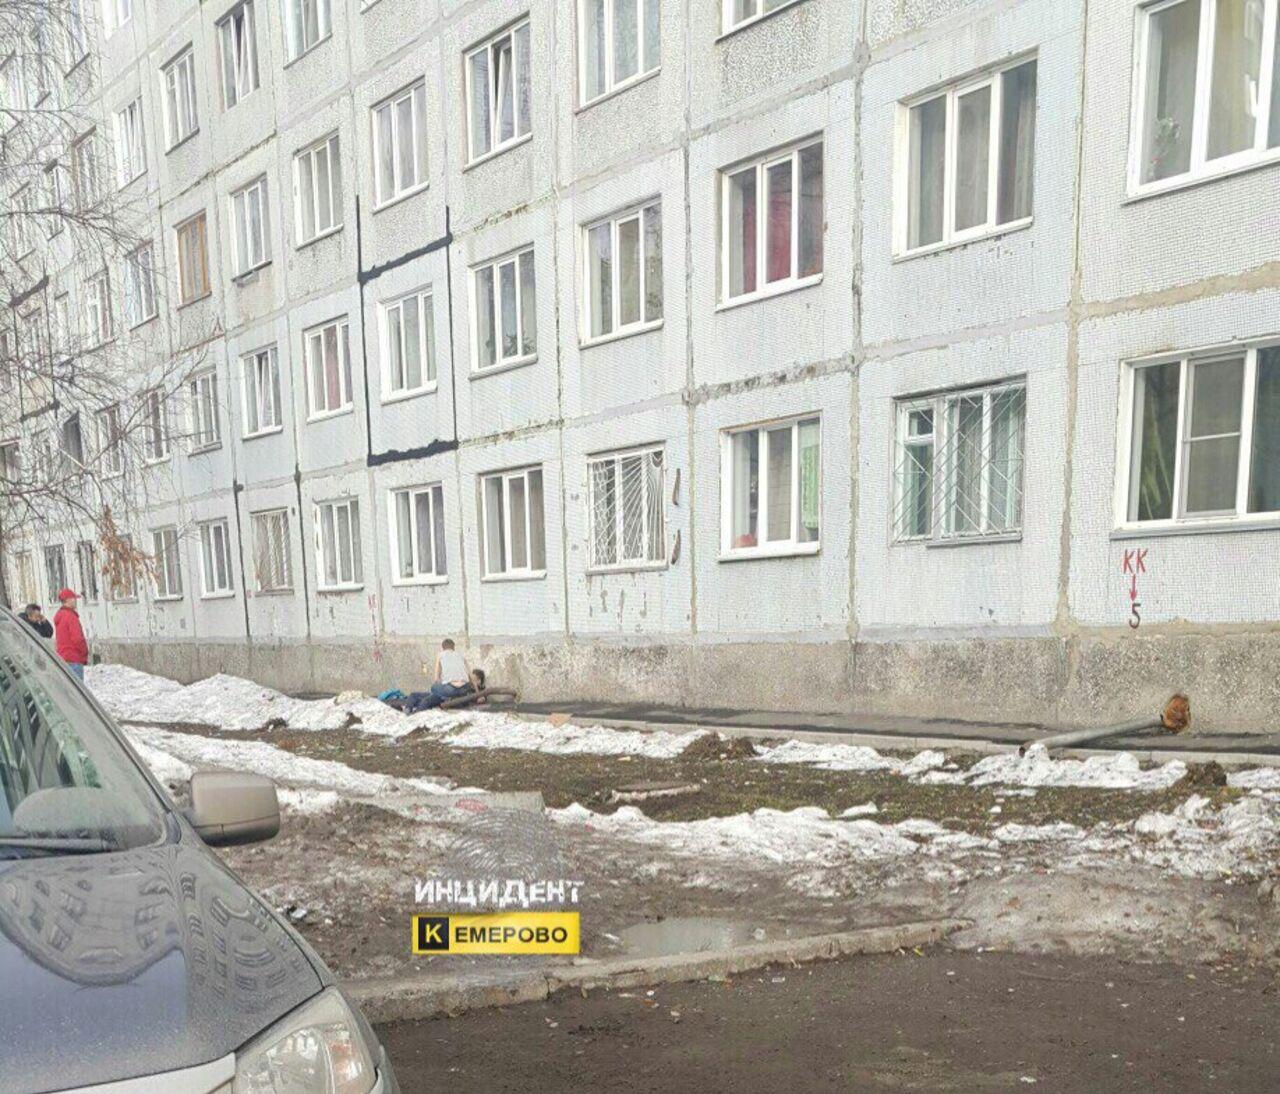 Кемеровчанин выпал изокна восьмого этажа общежития ивыжил